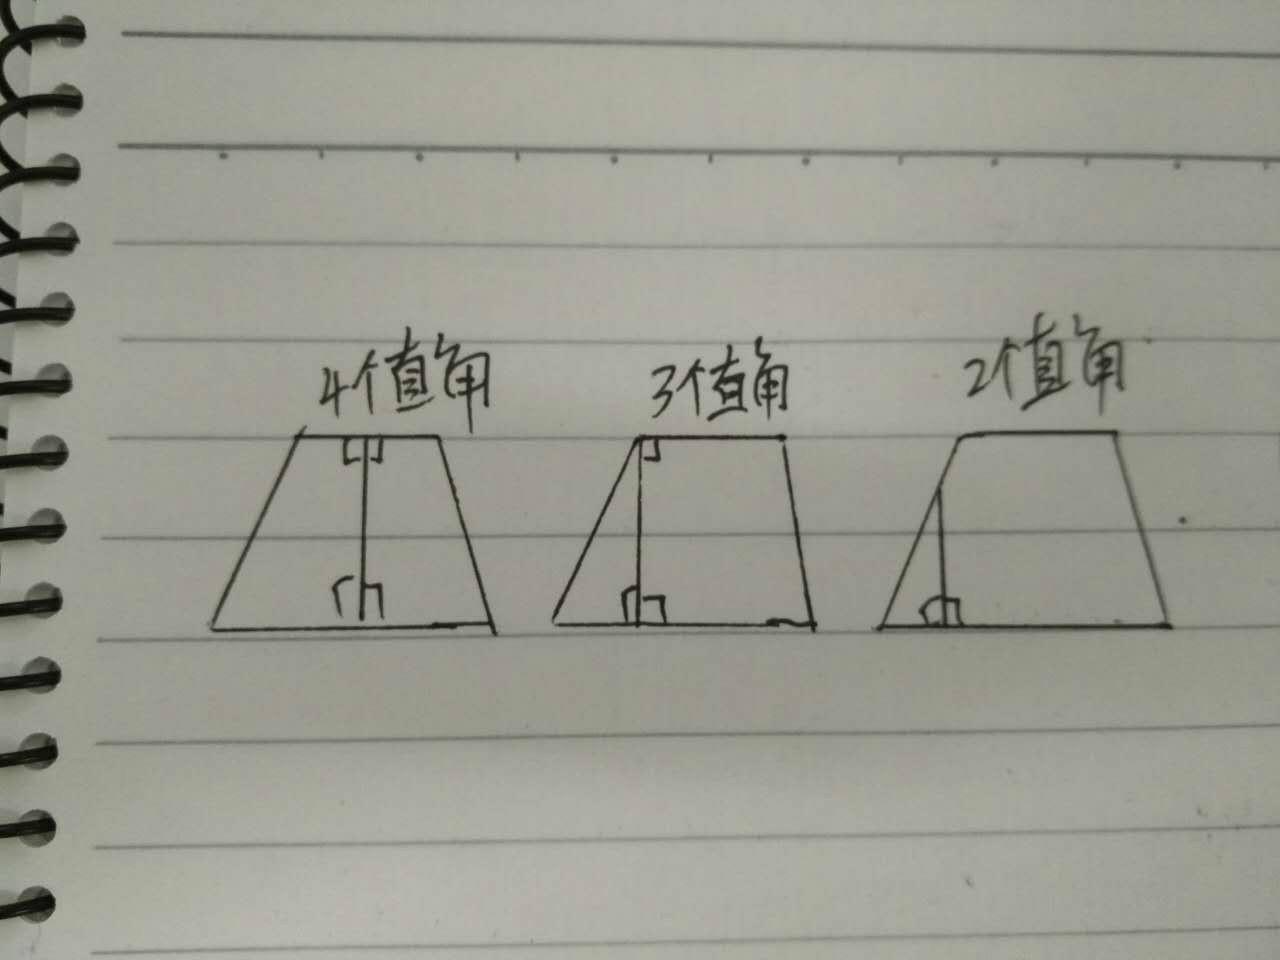 梯形加一条线4个直角